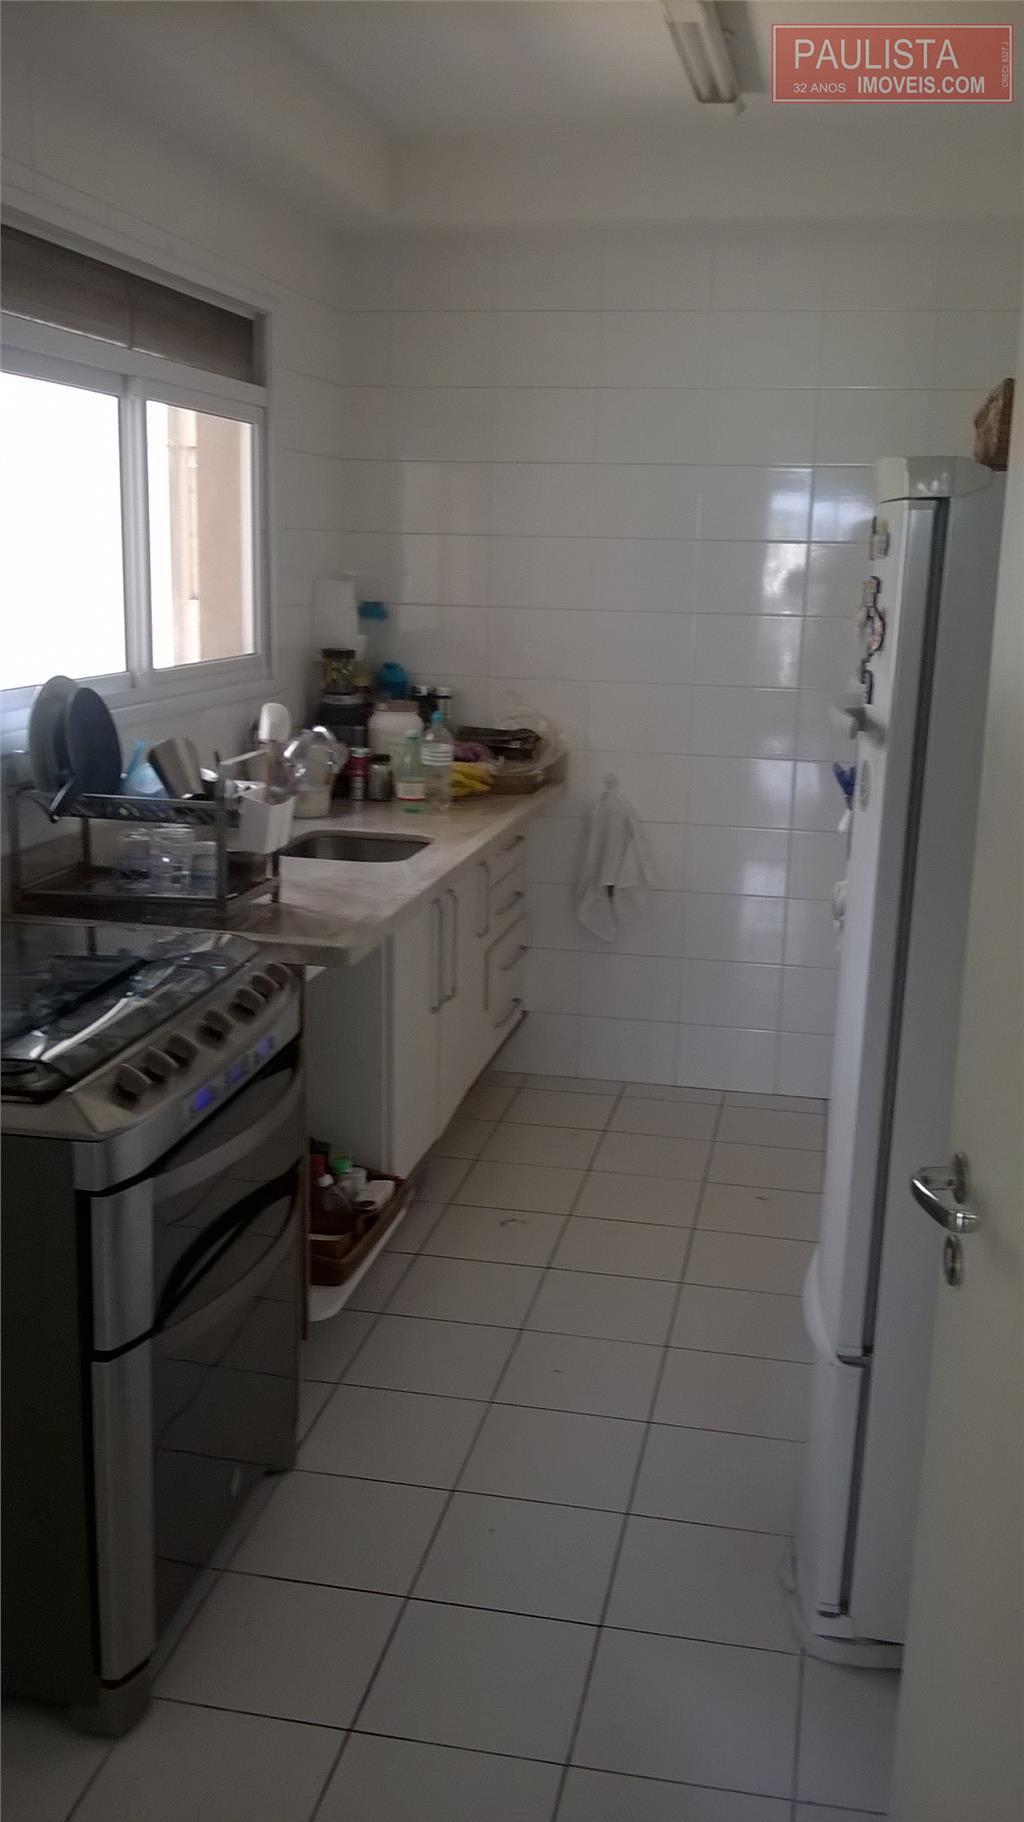 Apto 3 Dorm, Campo Belo, São Paulo (AP11539) - Foto 4